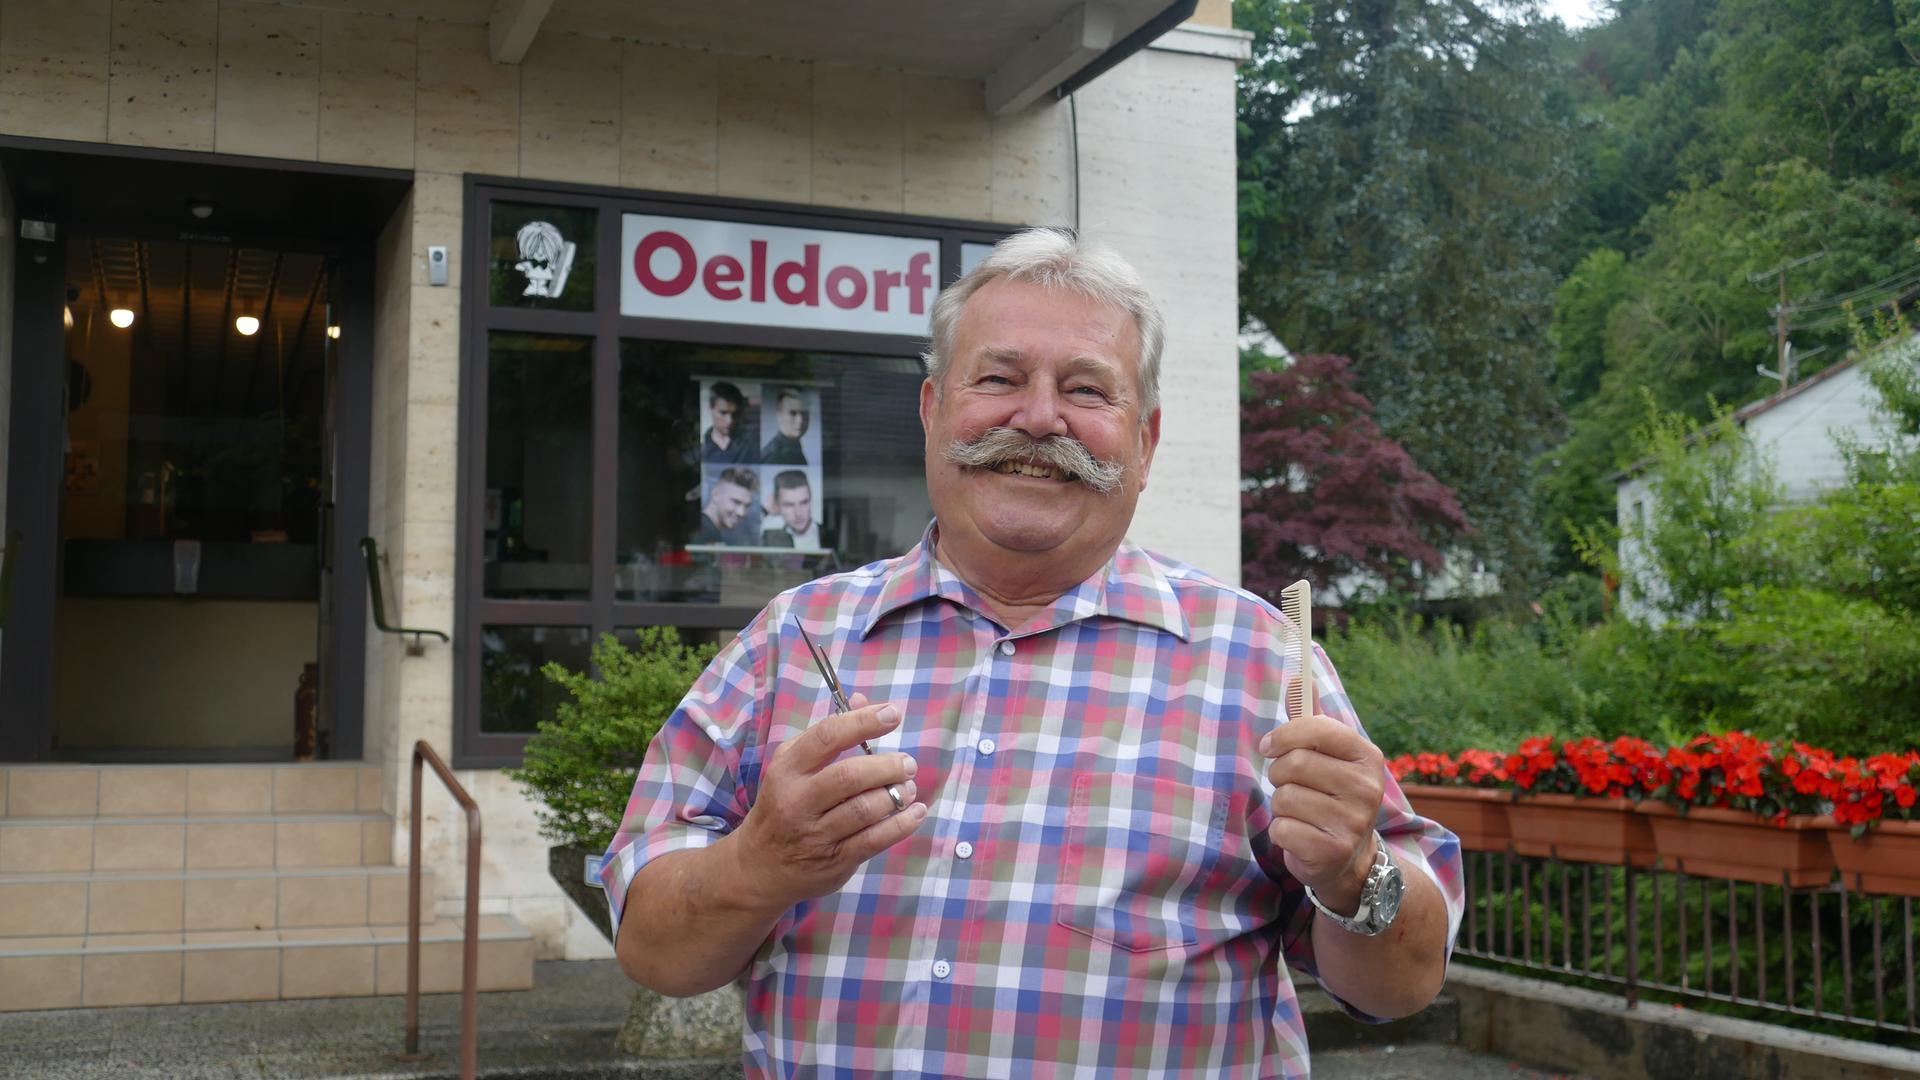 Jürgen Öldorf